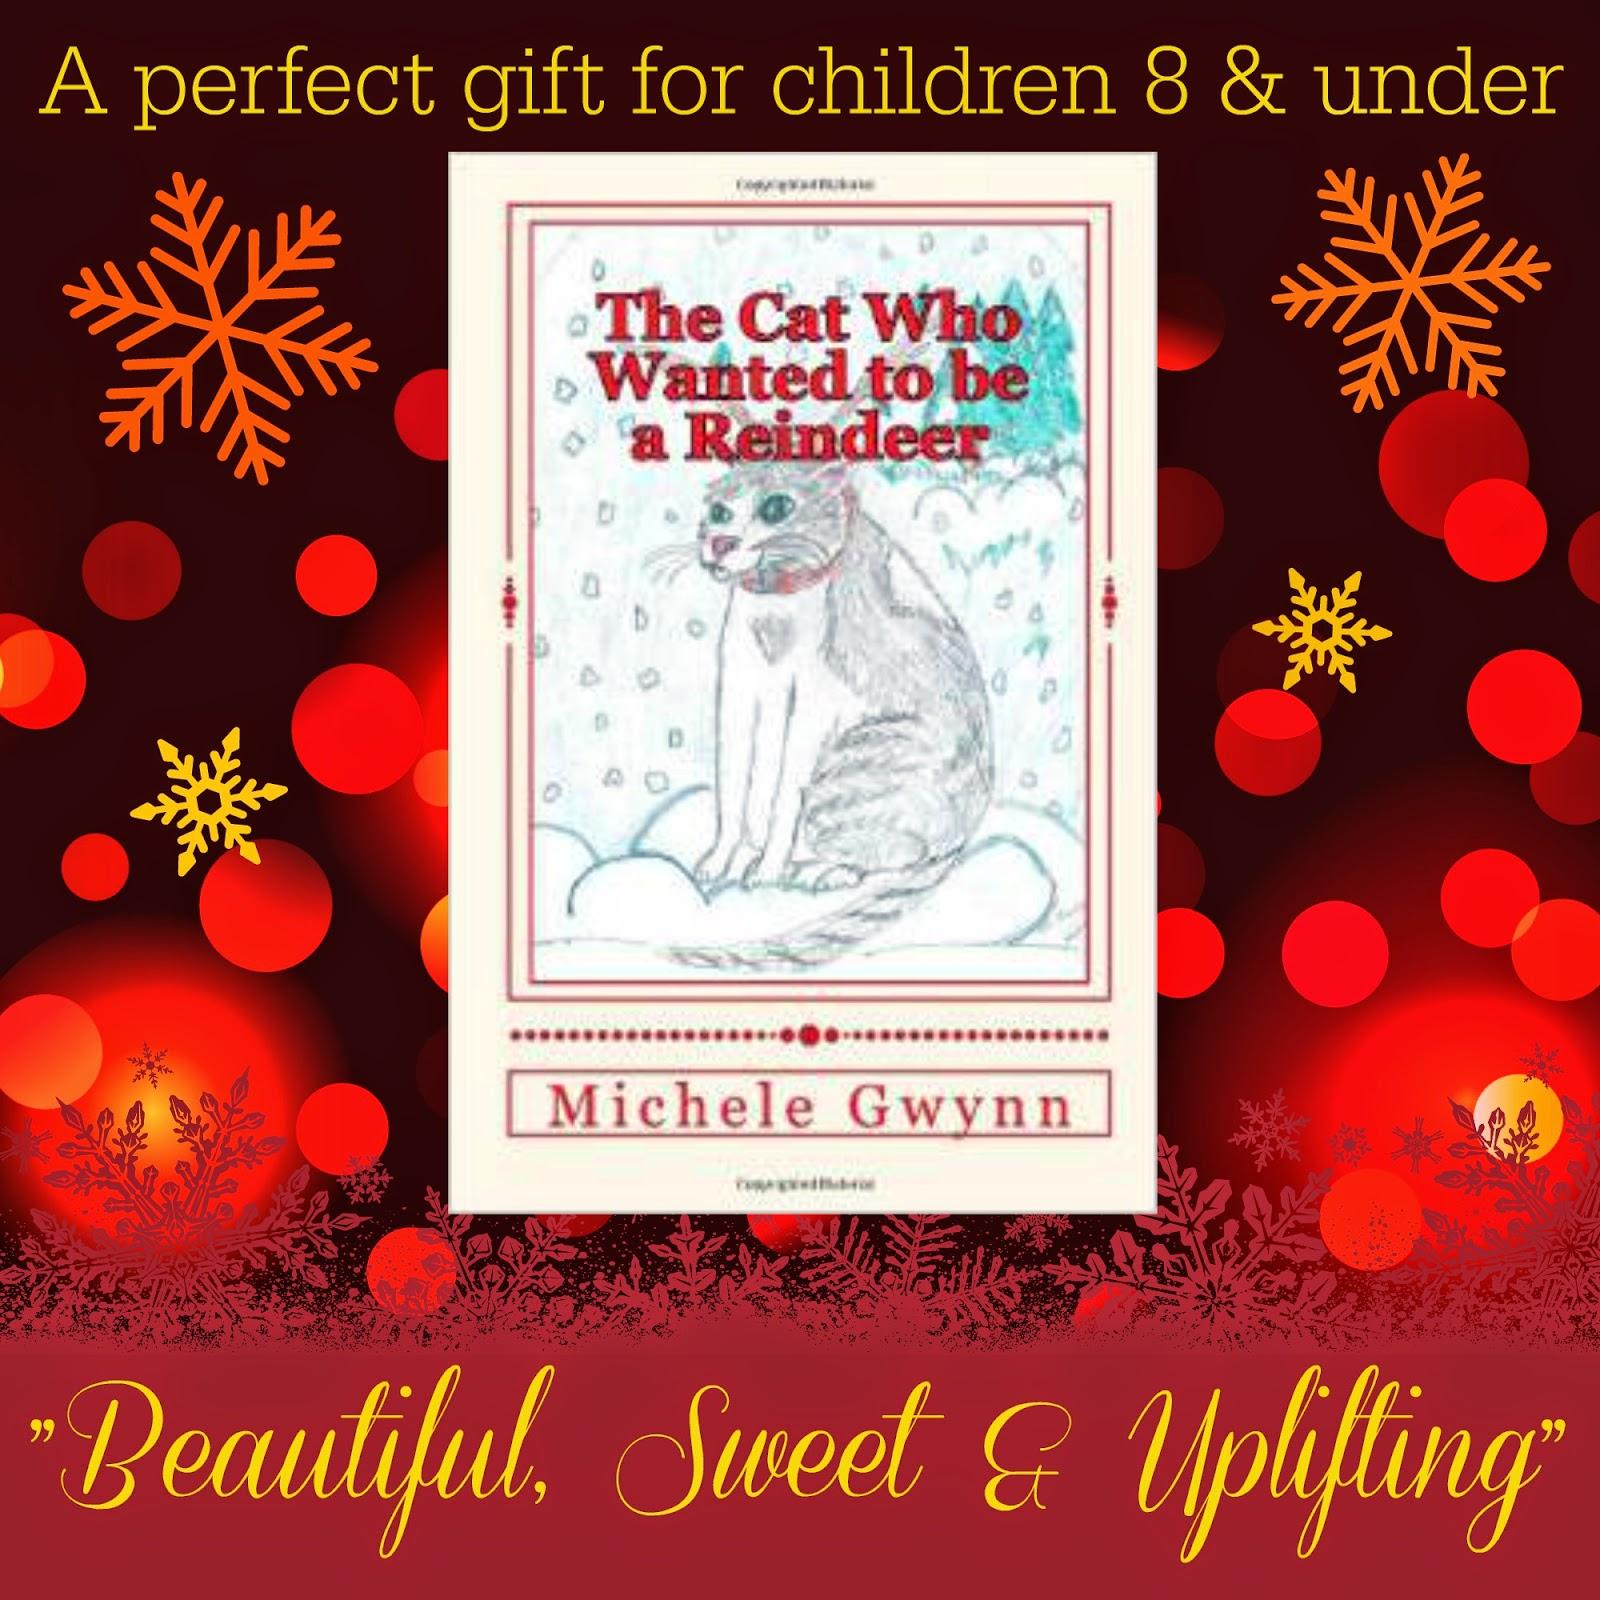 http://www.amazon.com/Cat-Who-Wanted-Reindeer-Book-ebook/dp/B006EXBUO2/ref=sr_1_14_twi_1?ie=UTF8&qid=1417215966&sr=8-14&keywords=MICHELE+GWYNN